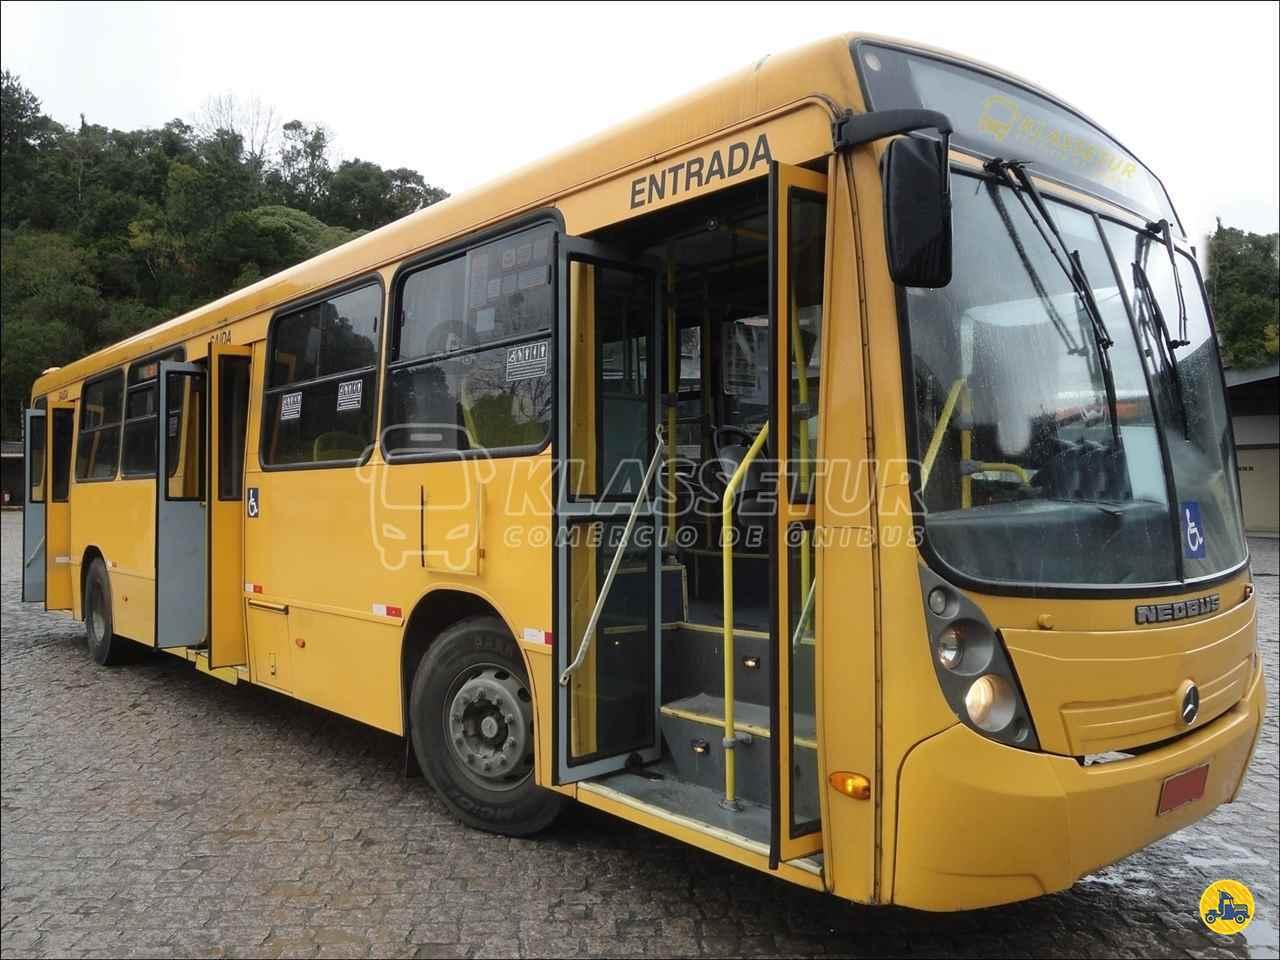 ONIBUS NEOBUS Mega Tração 4x2 Klassetur Comércio de Ônibus CURITIBA PARANÁ PR